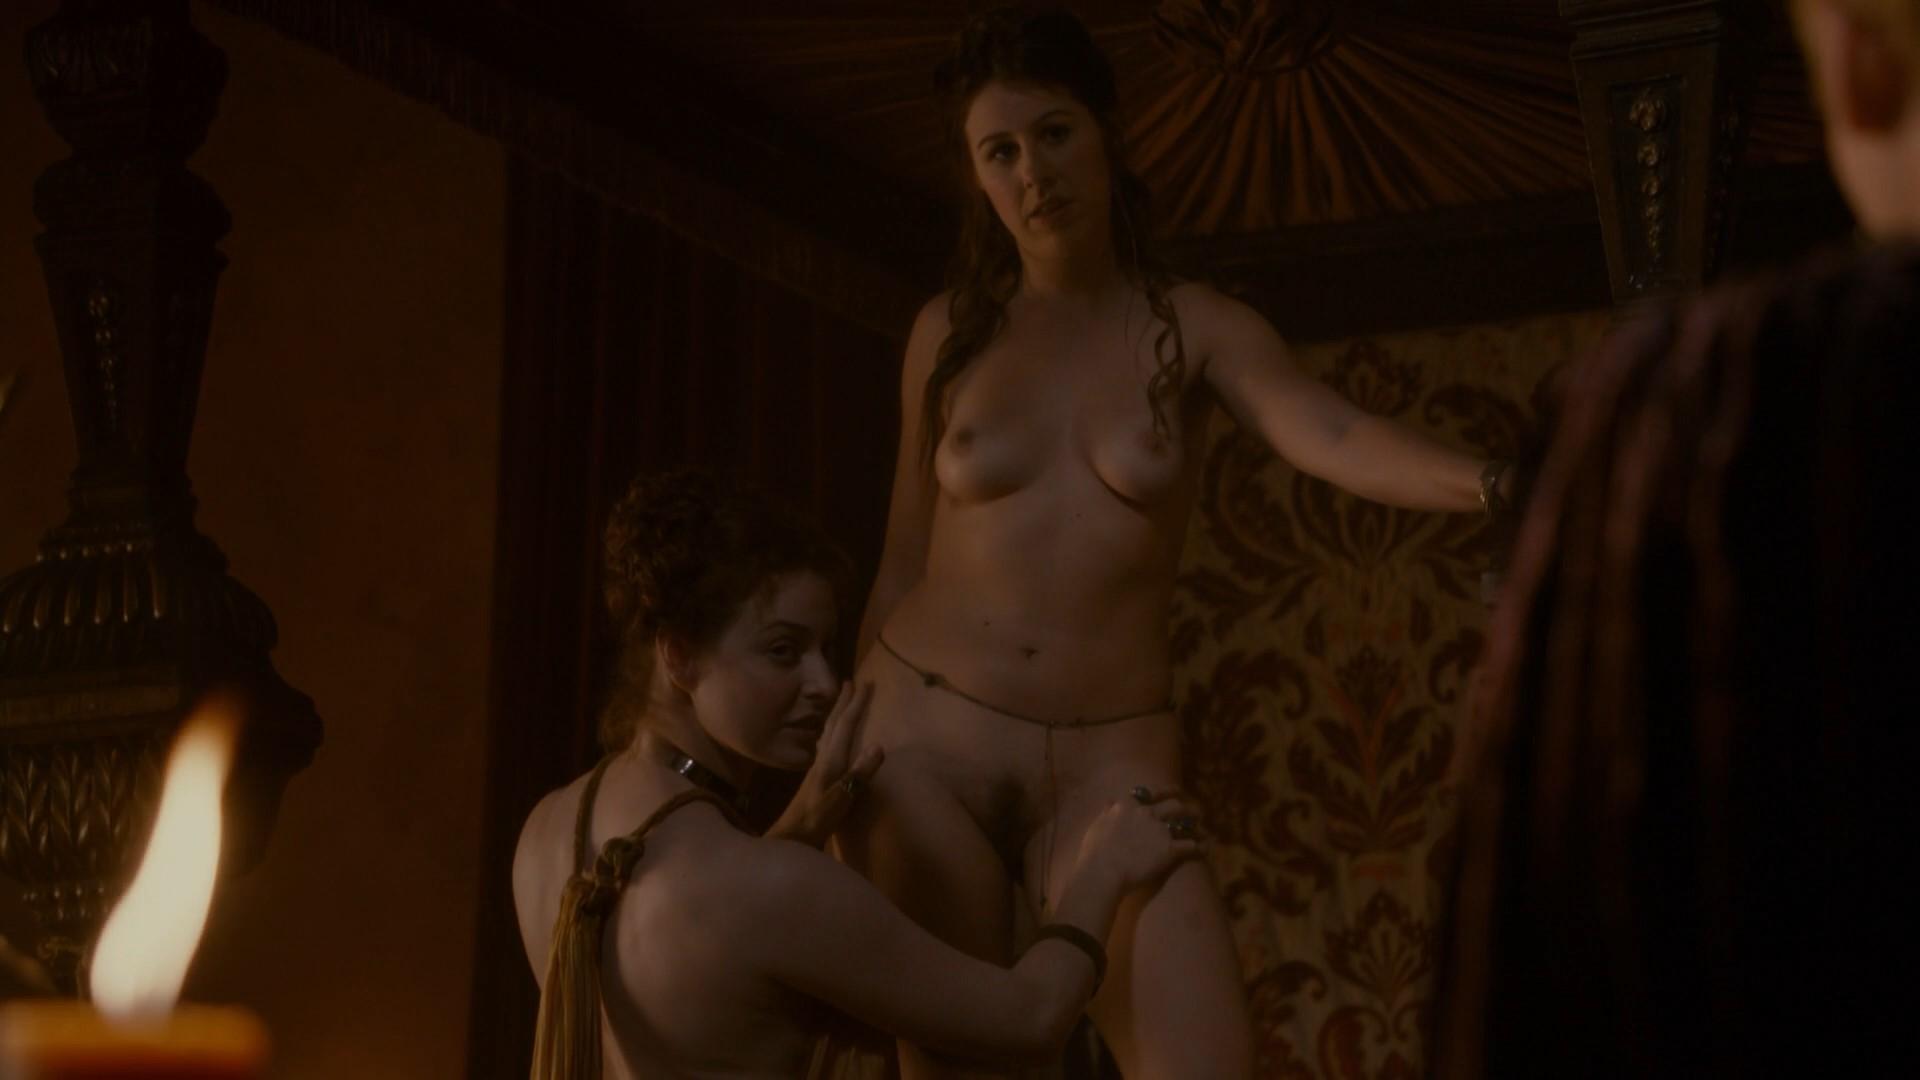 Mejsi Di u jednoj od scena seksa